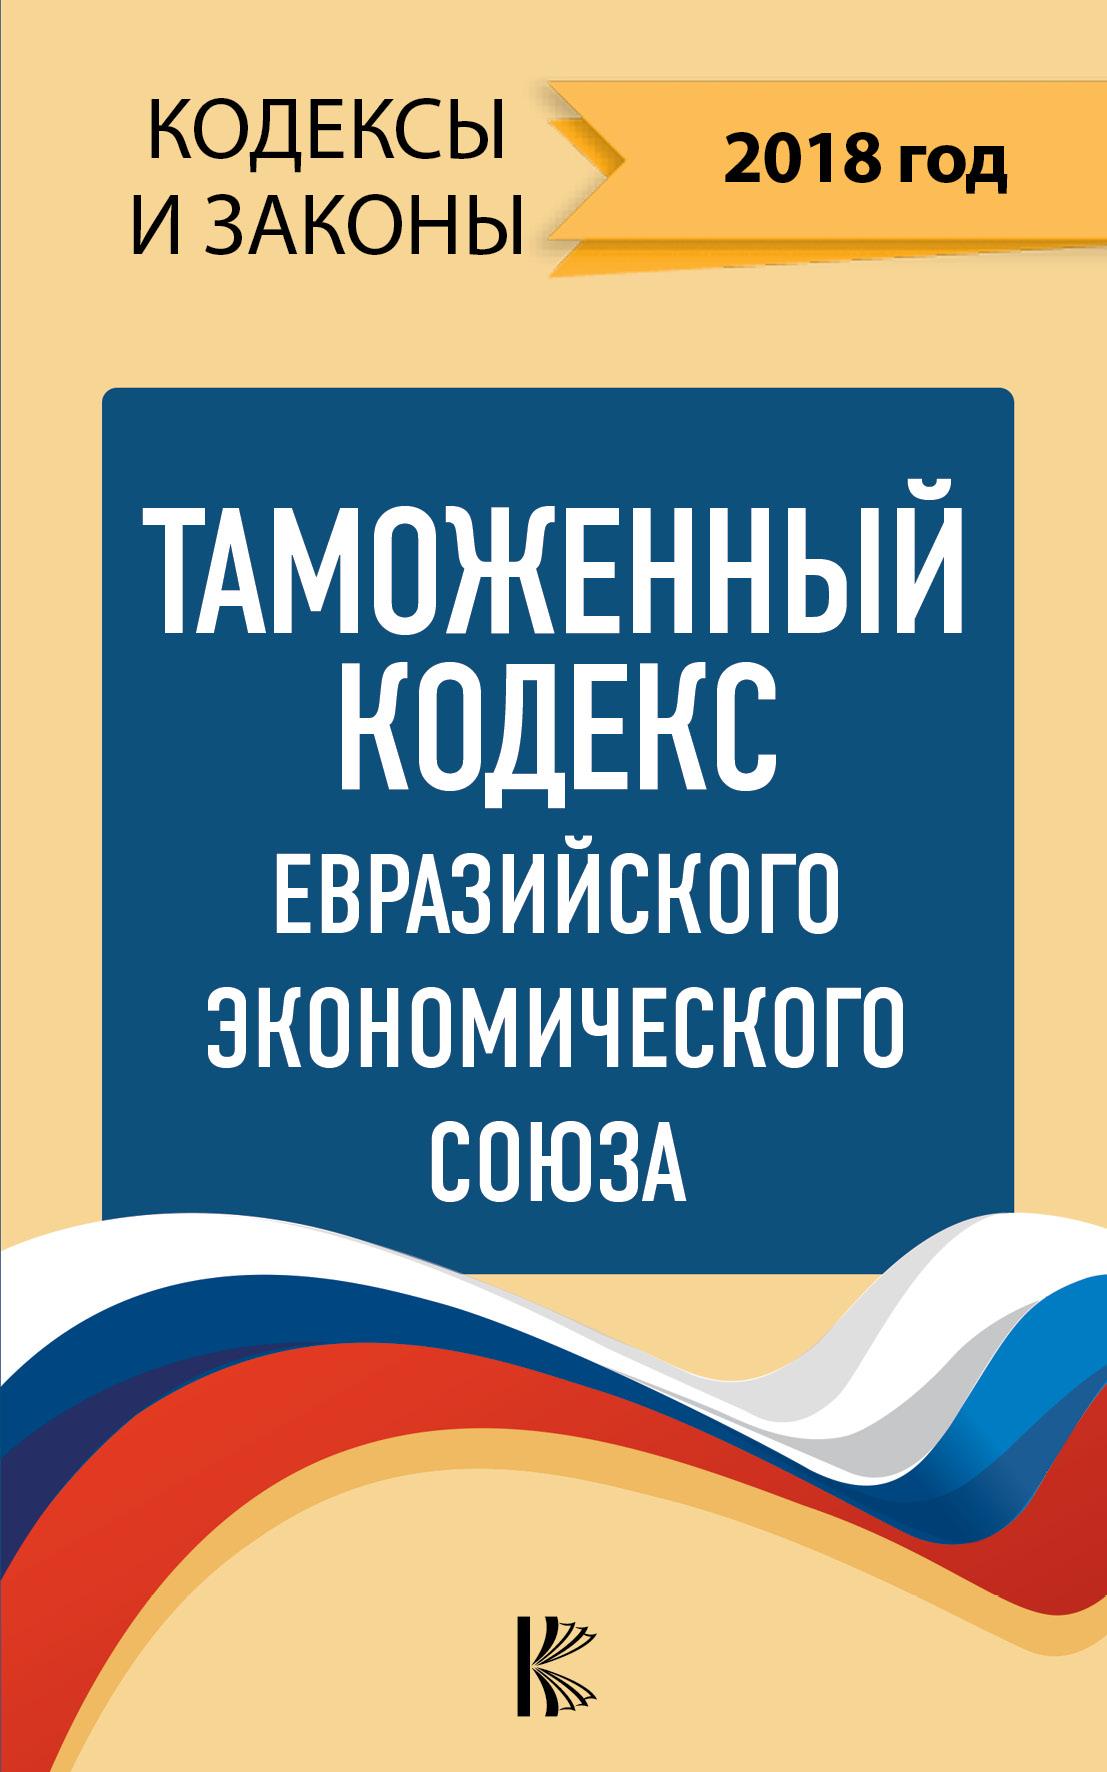 . Таможенный Кодекс Евразийского Экономического союза на 2018 год ISBN: 978-5-17-109593-2 цена